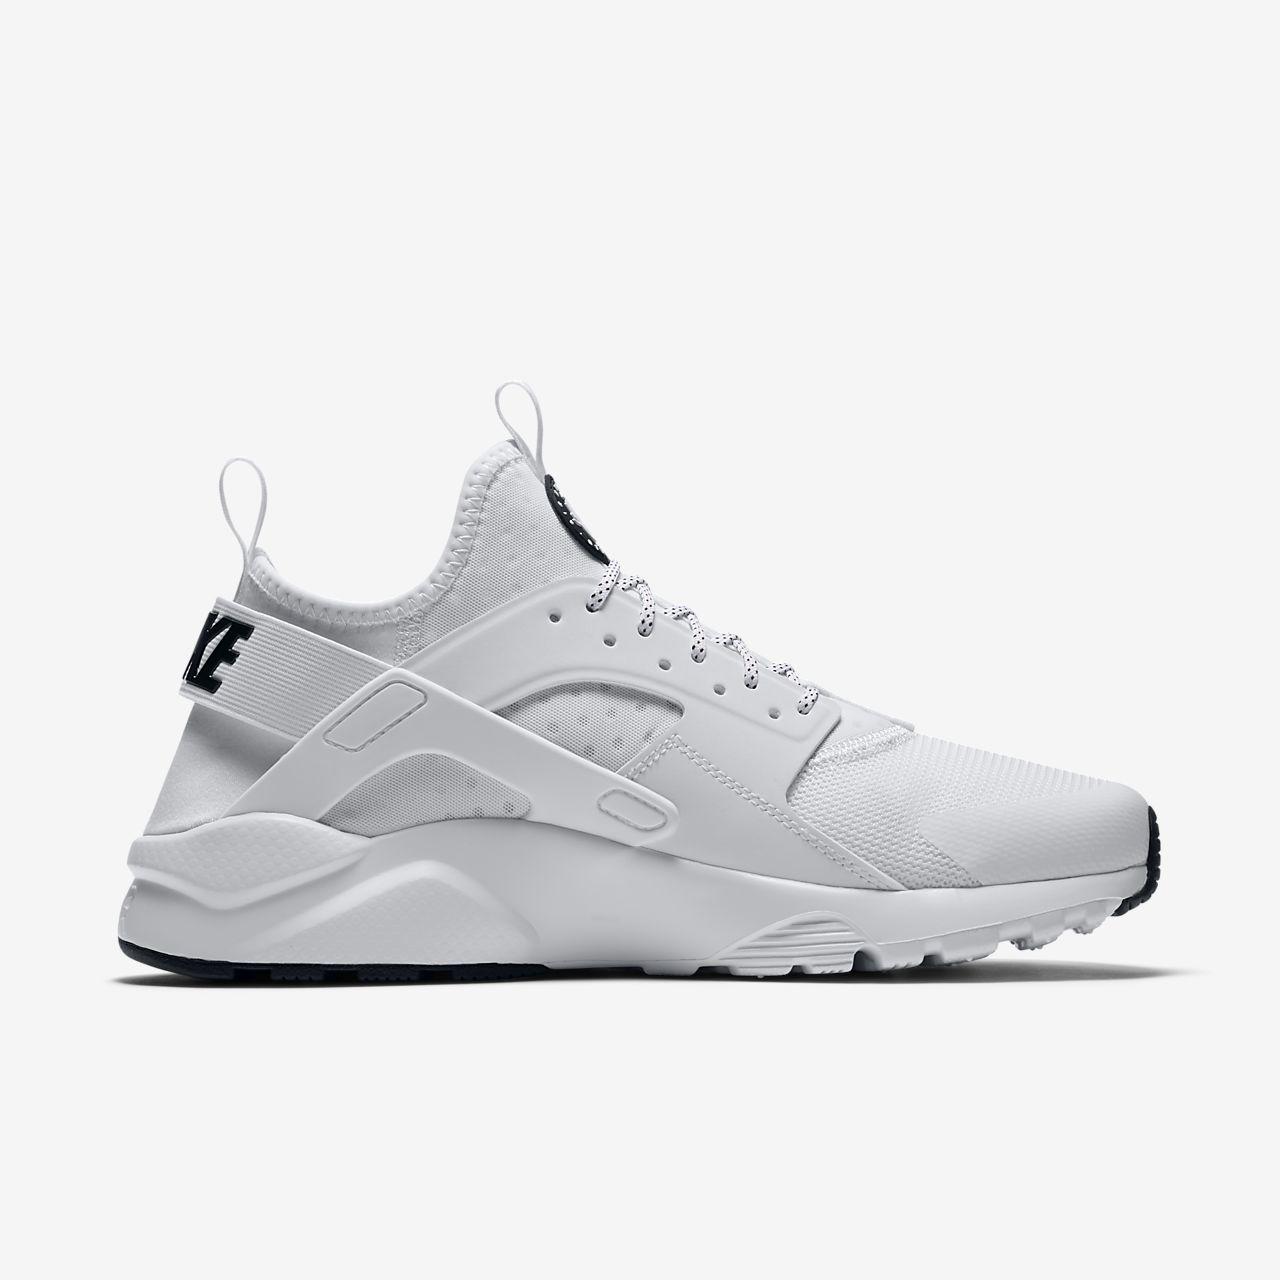 ... Chaussure Nike Air Huarache Ultra pour Homme